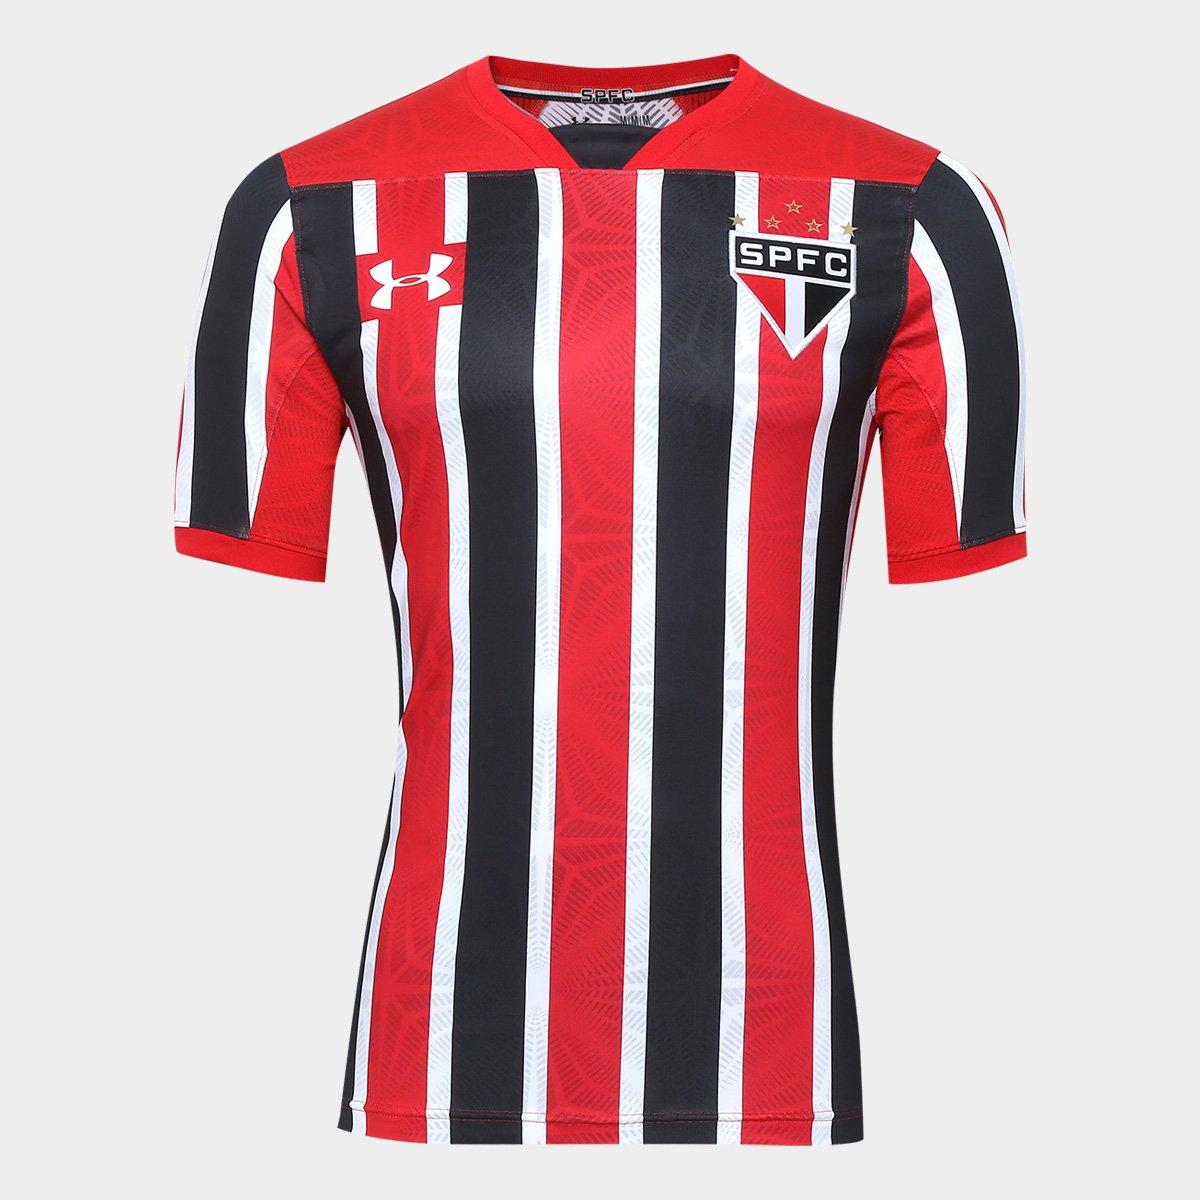 ac8935061bf Camisa São Paulo II 17 18 s nº Jogador Under Armour Masculina